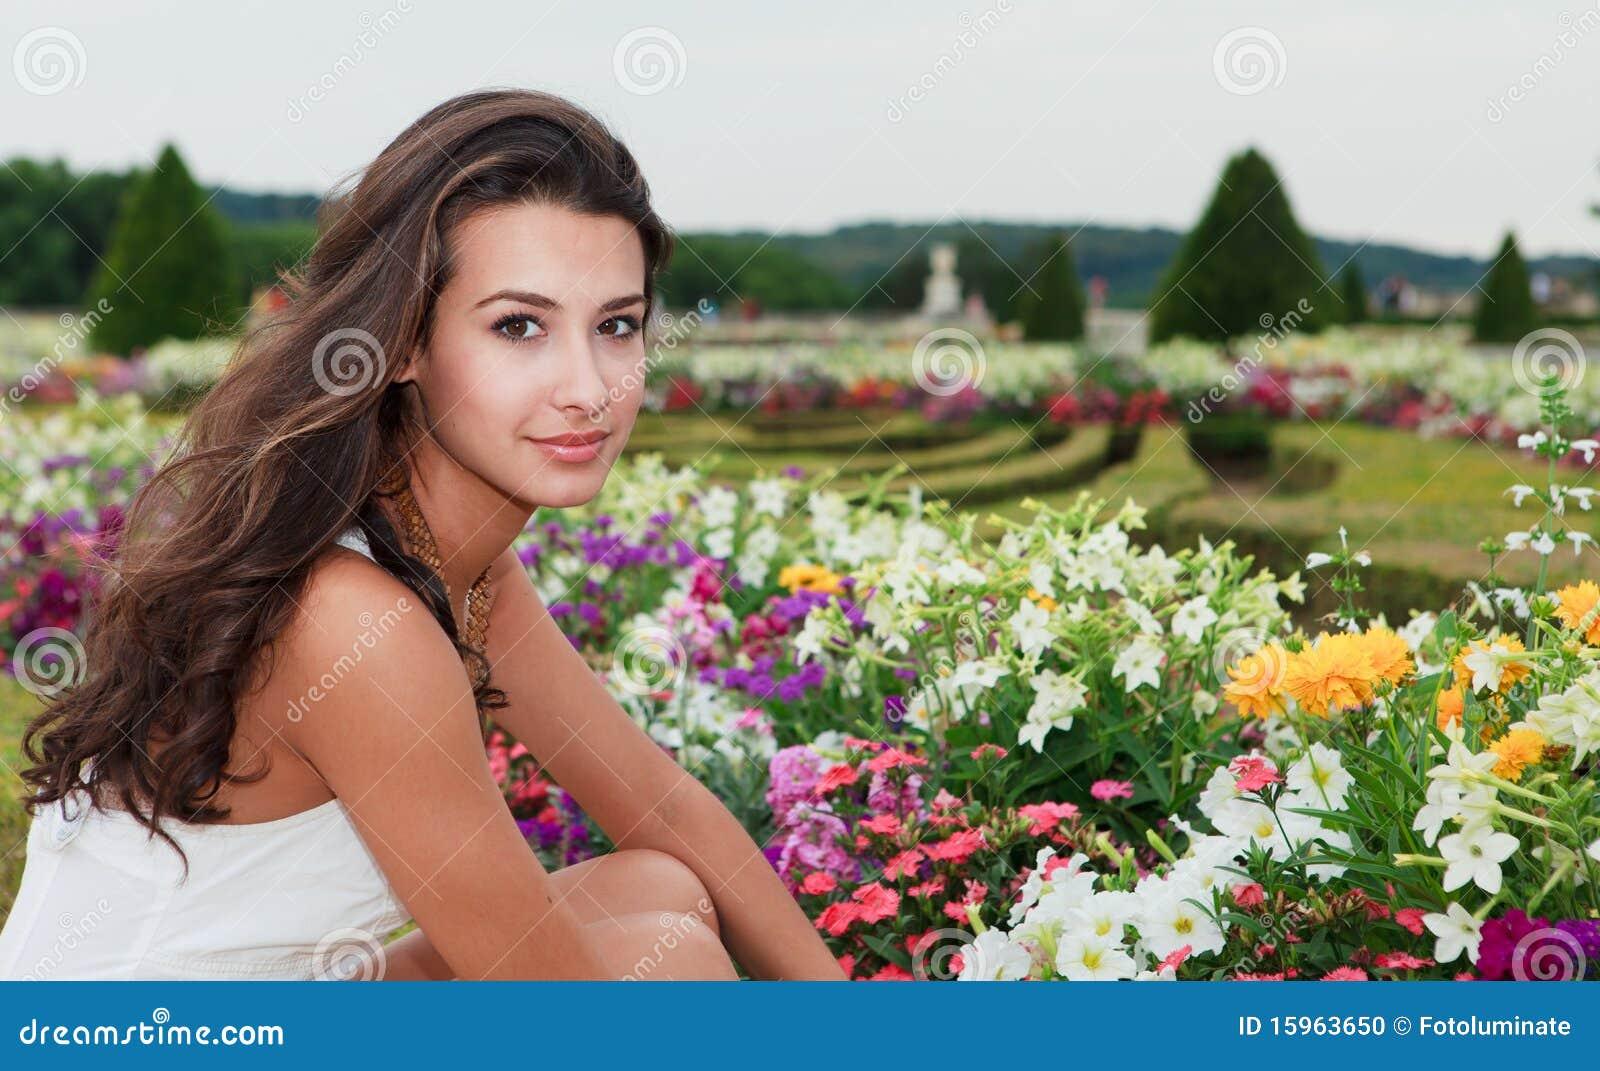 Франция знакомство женщины